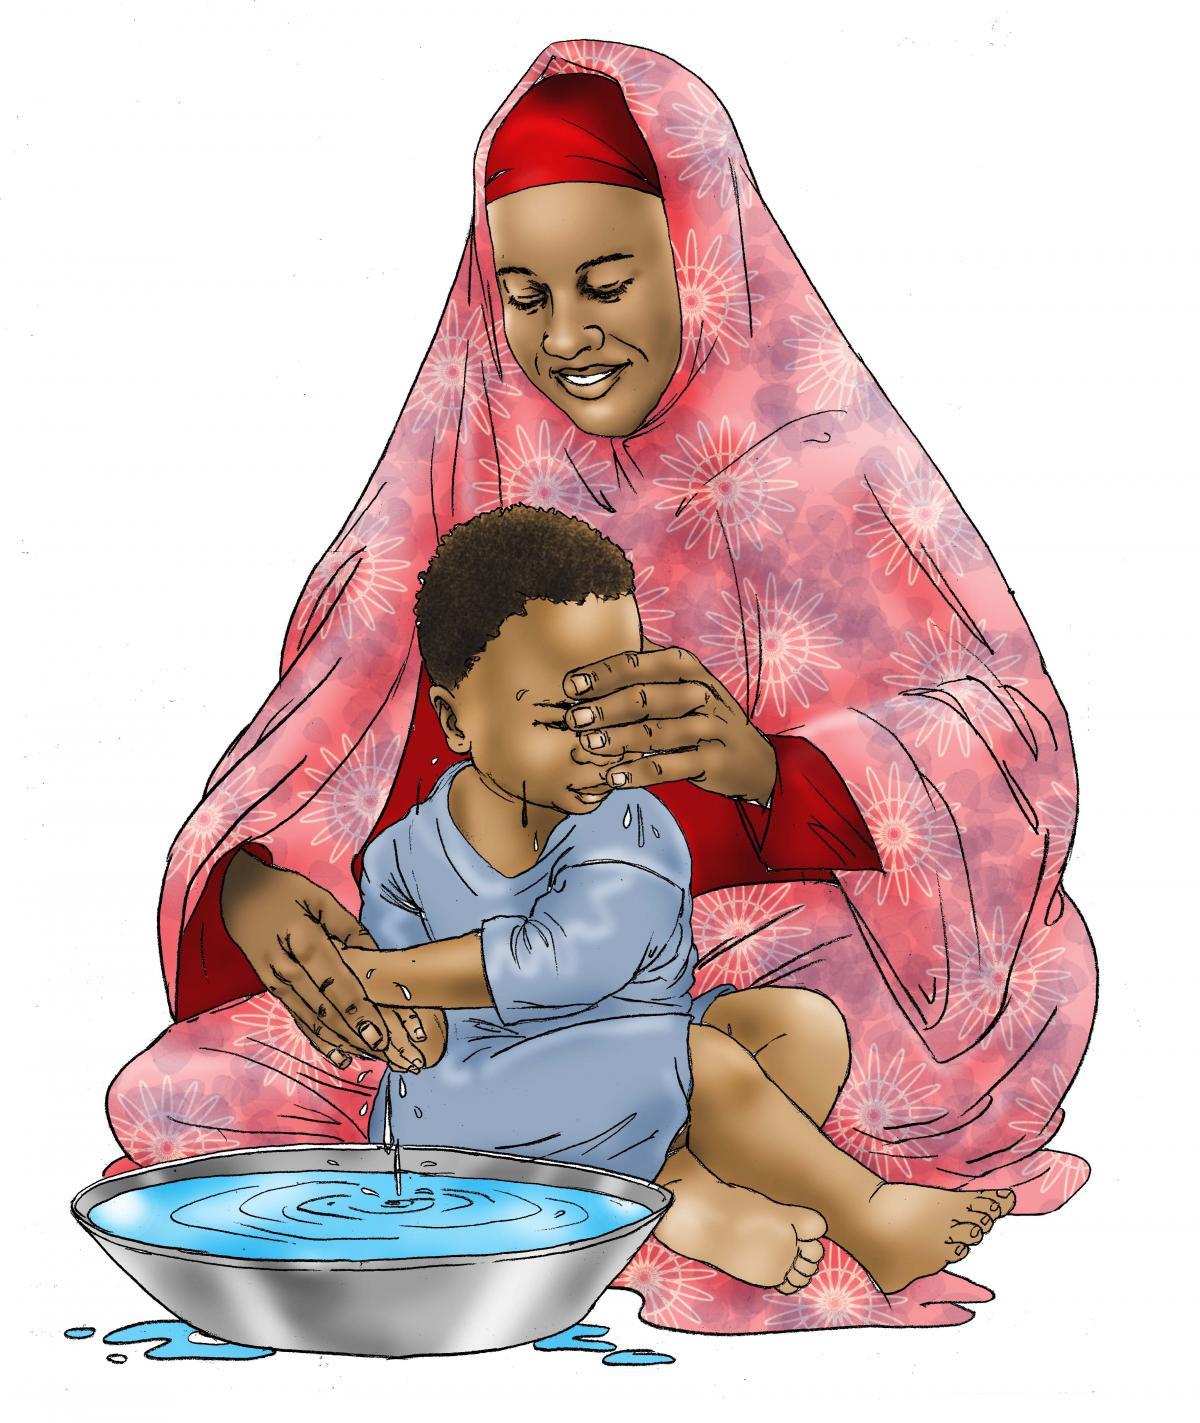 Hygiene - Mother teaches child to wash hands - 00 - Kenya Dadaab